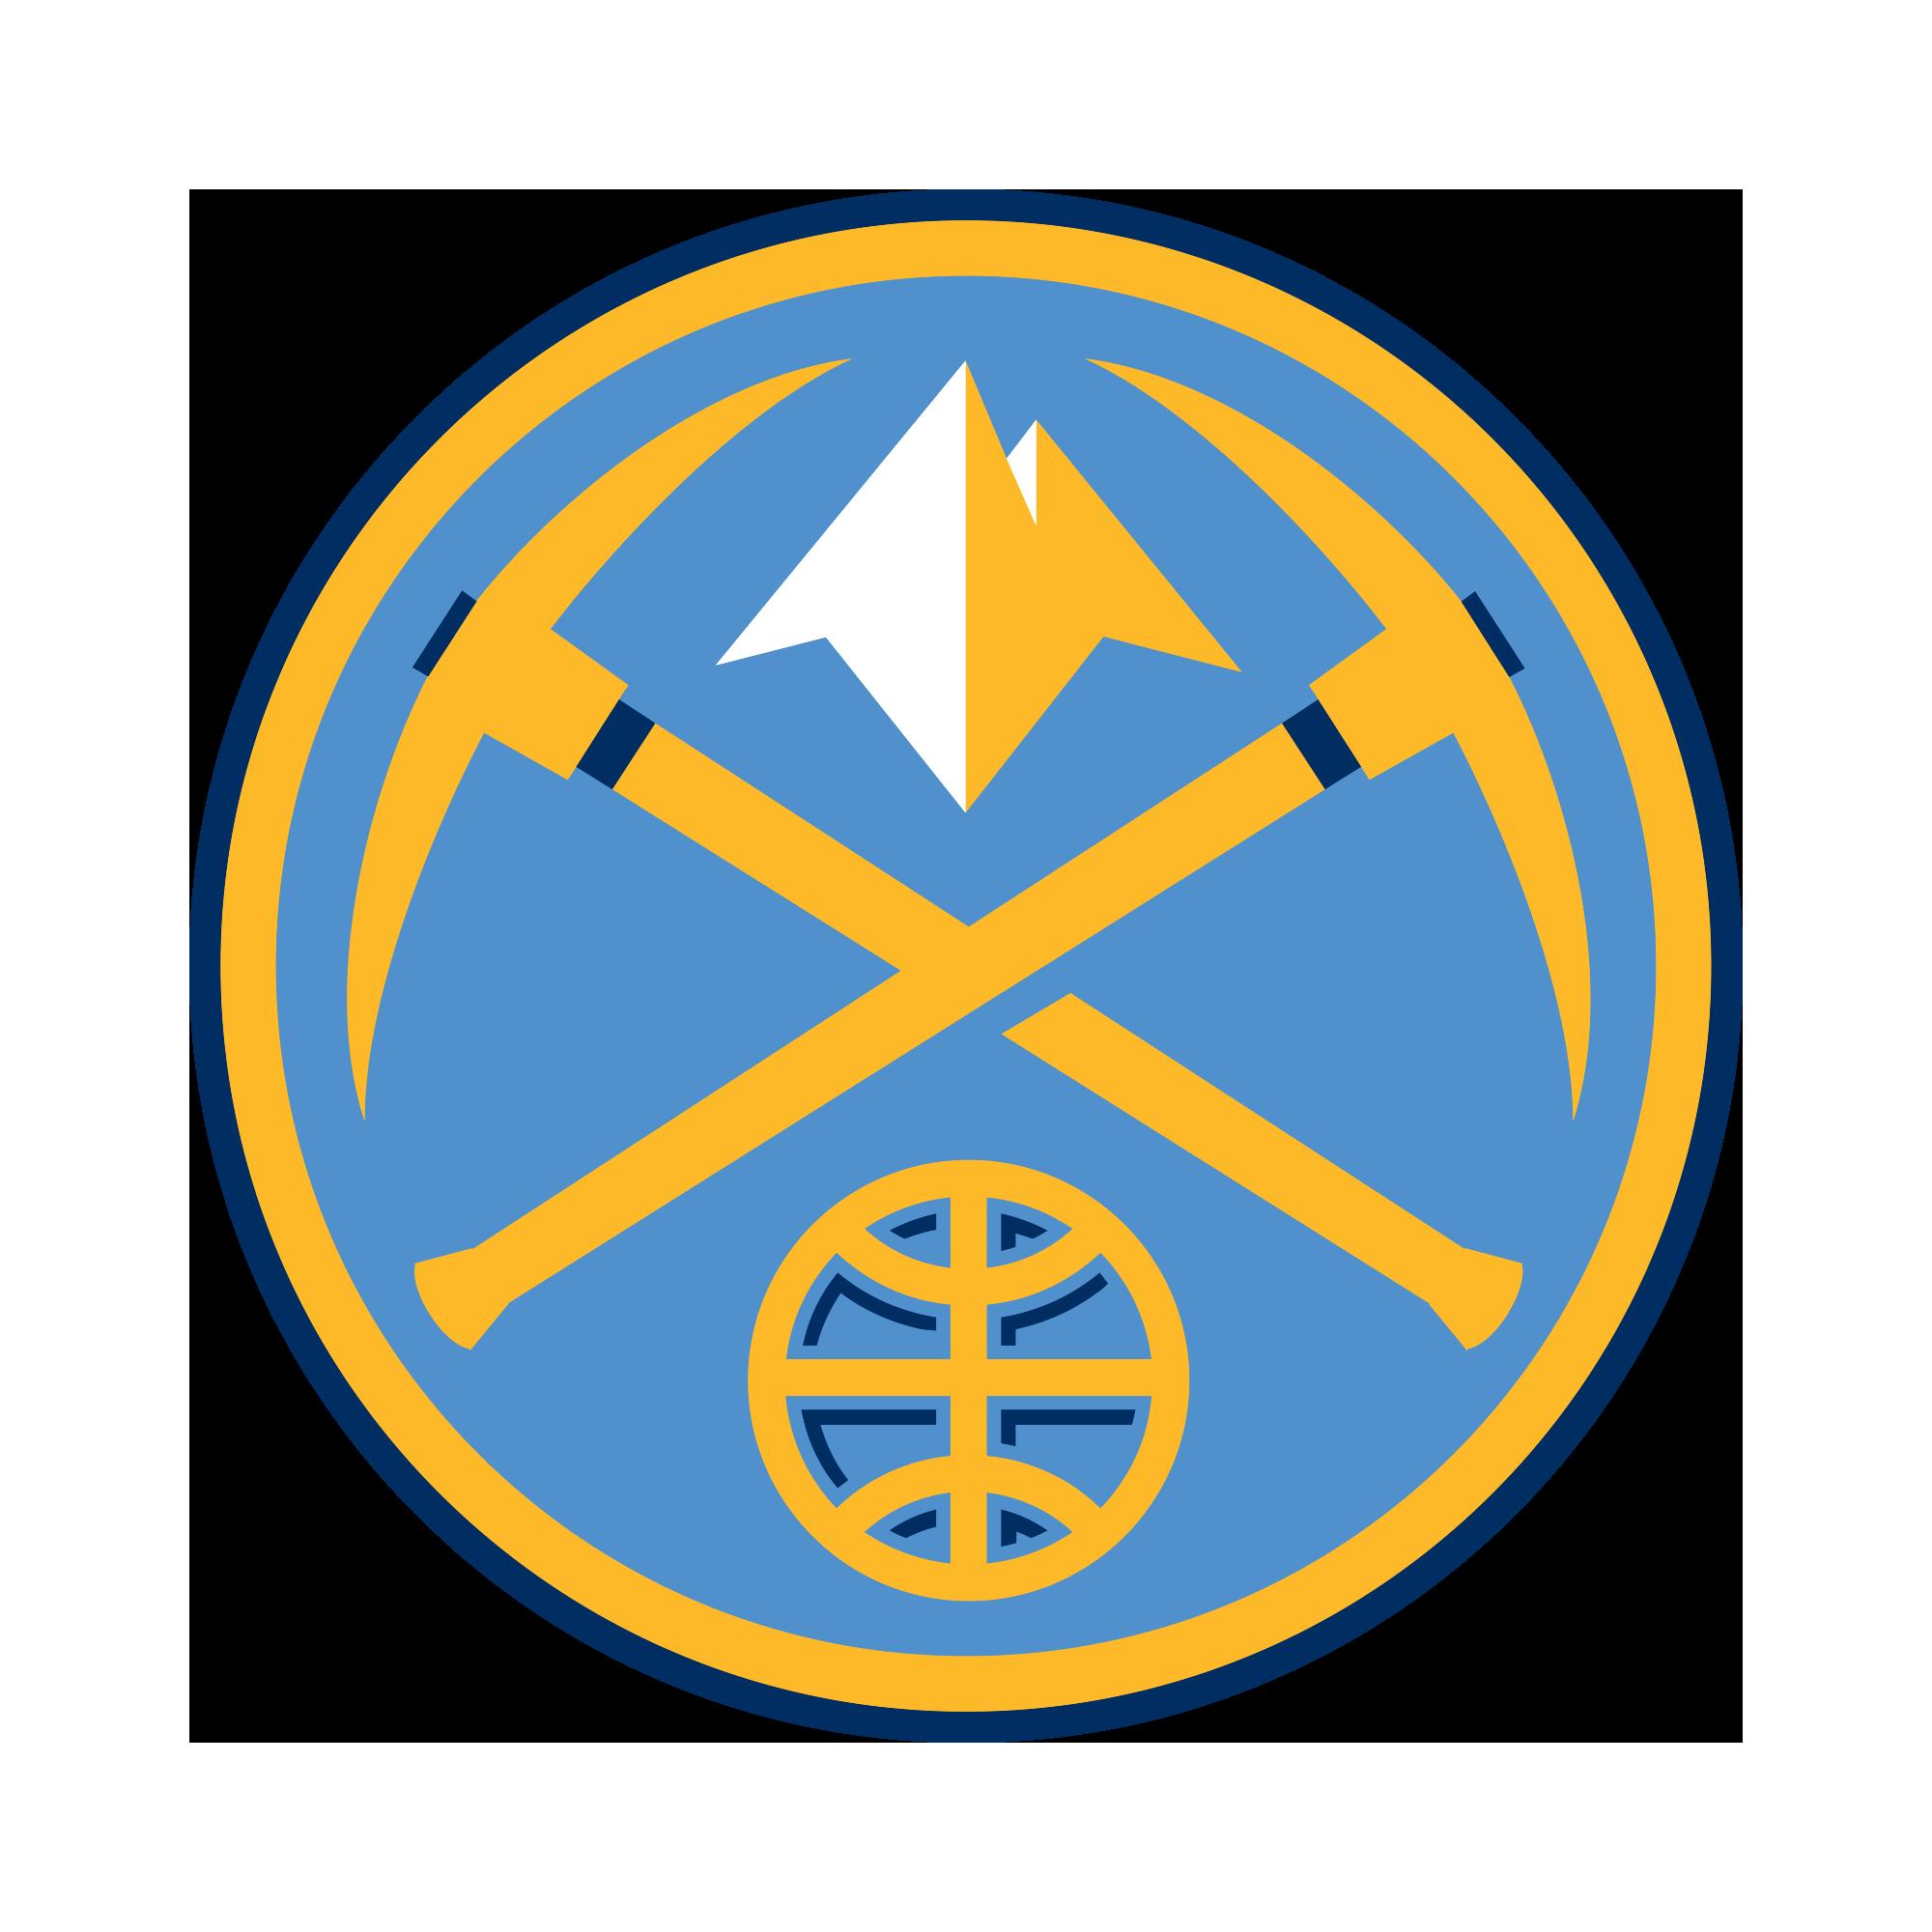 Denver Nuggets Vs Golden State Warriors Game 6 Score: Denver Nuggets